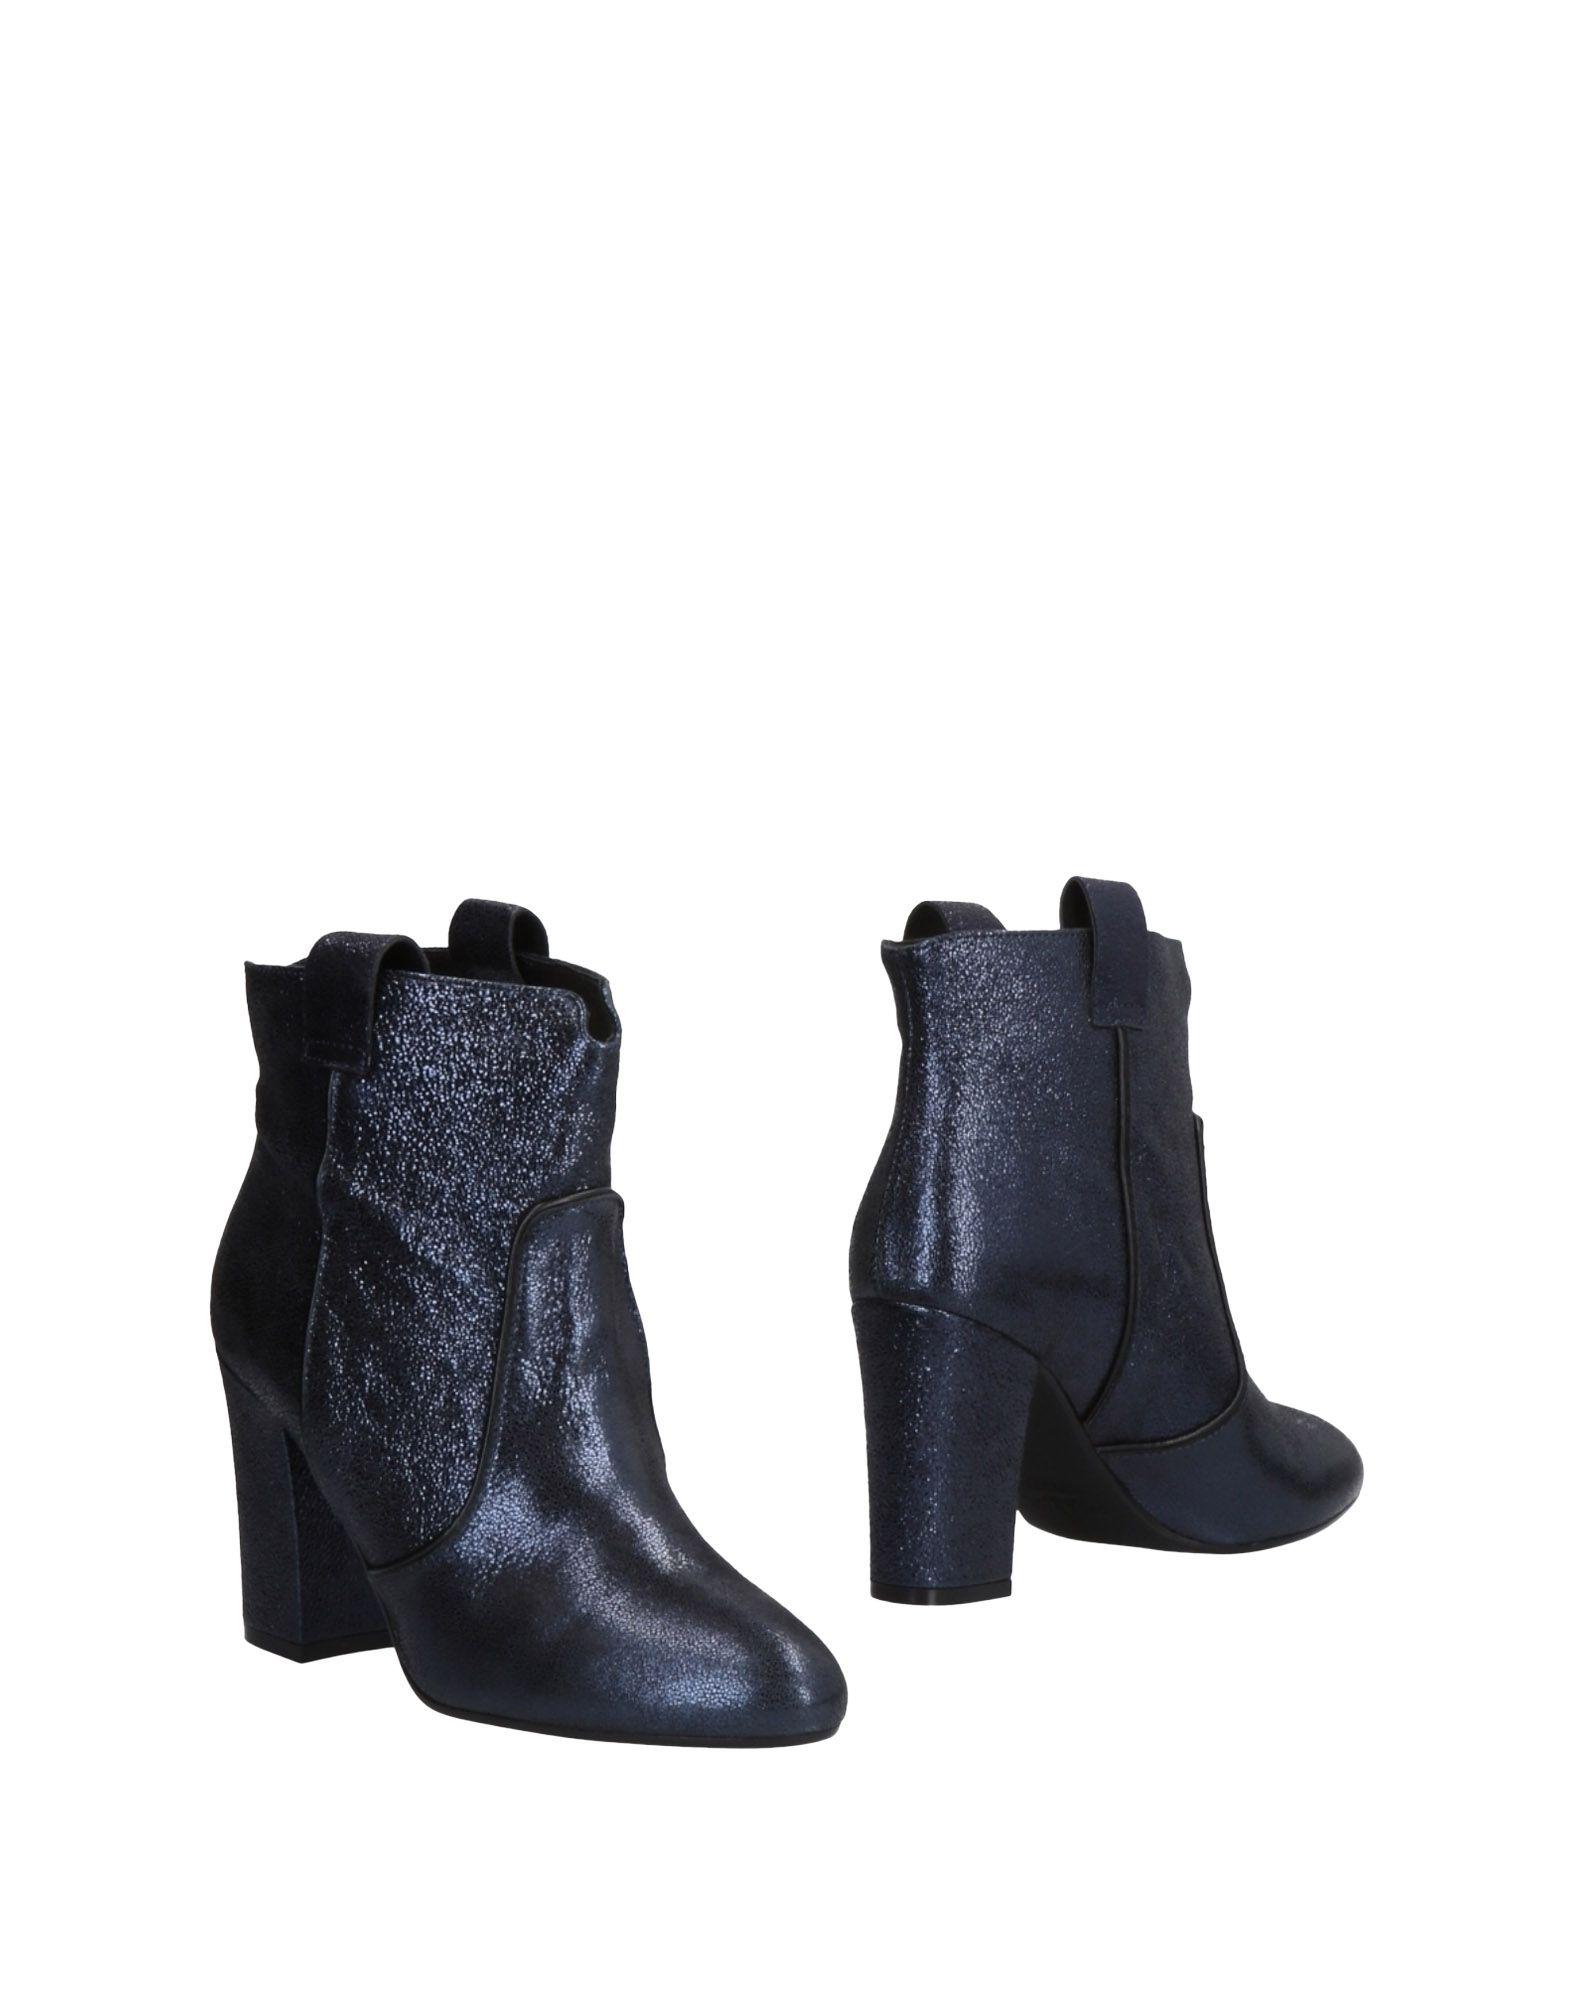 Essentiel Antwerp Stiefelette Damen  11468495UQGut aussehende strapazierfähige Schuhe